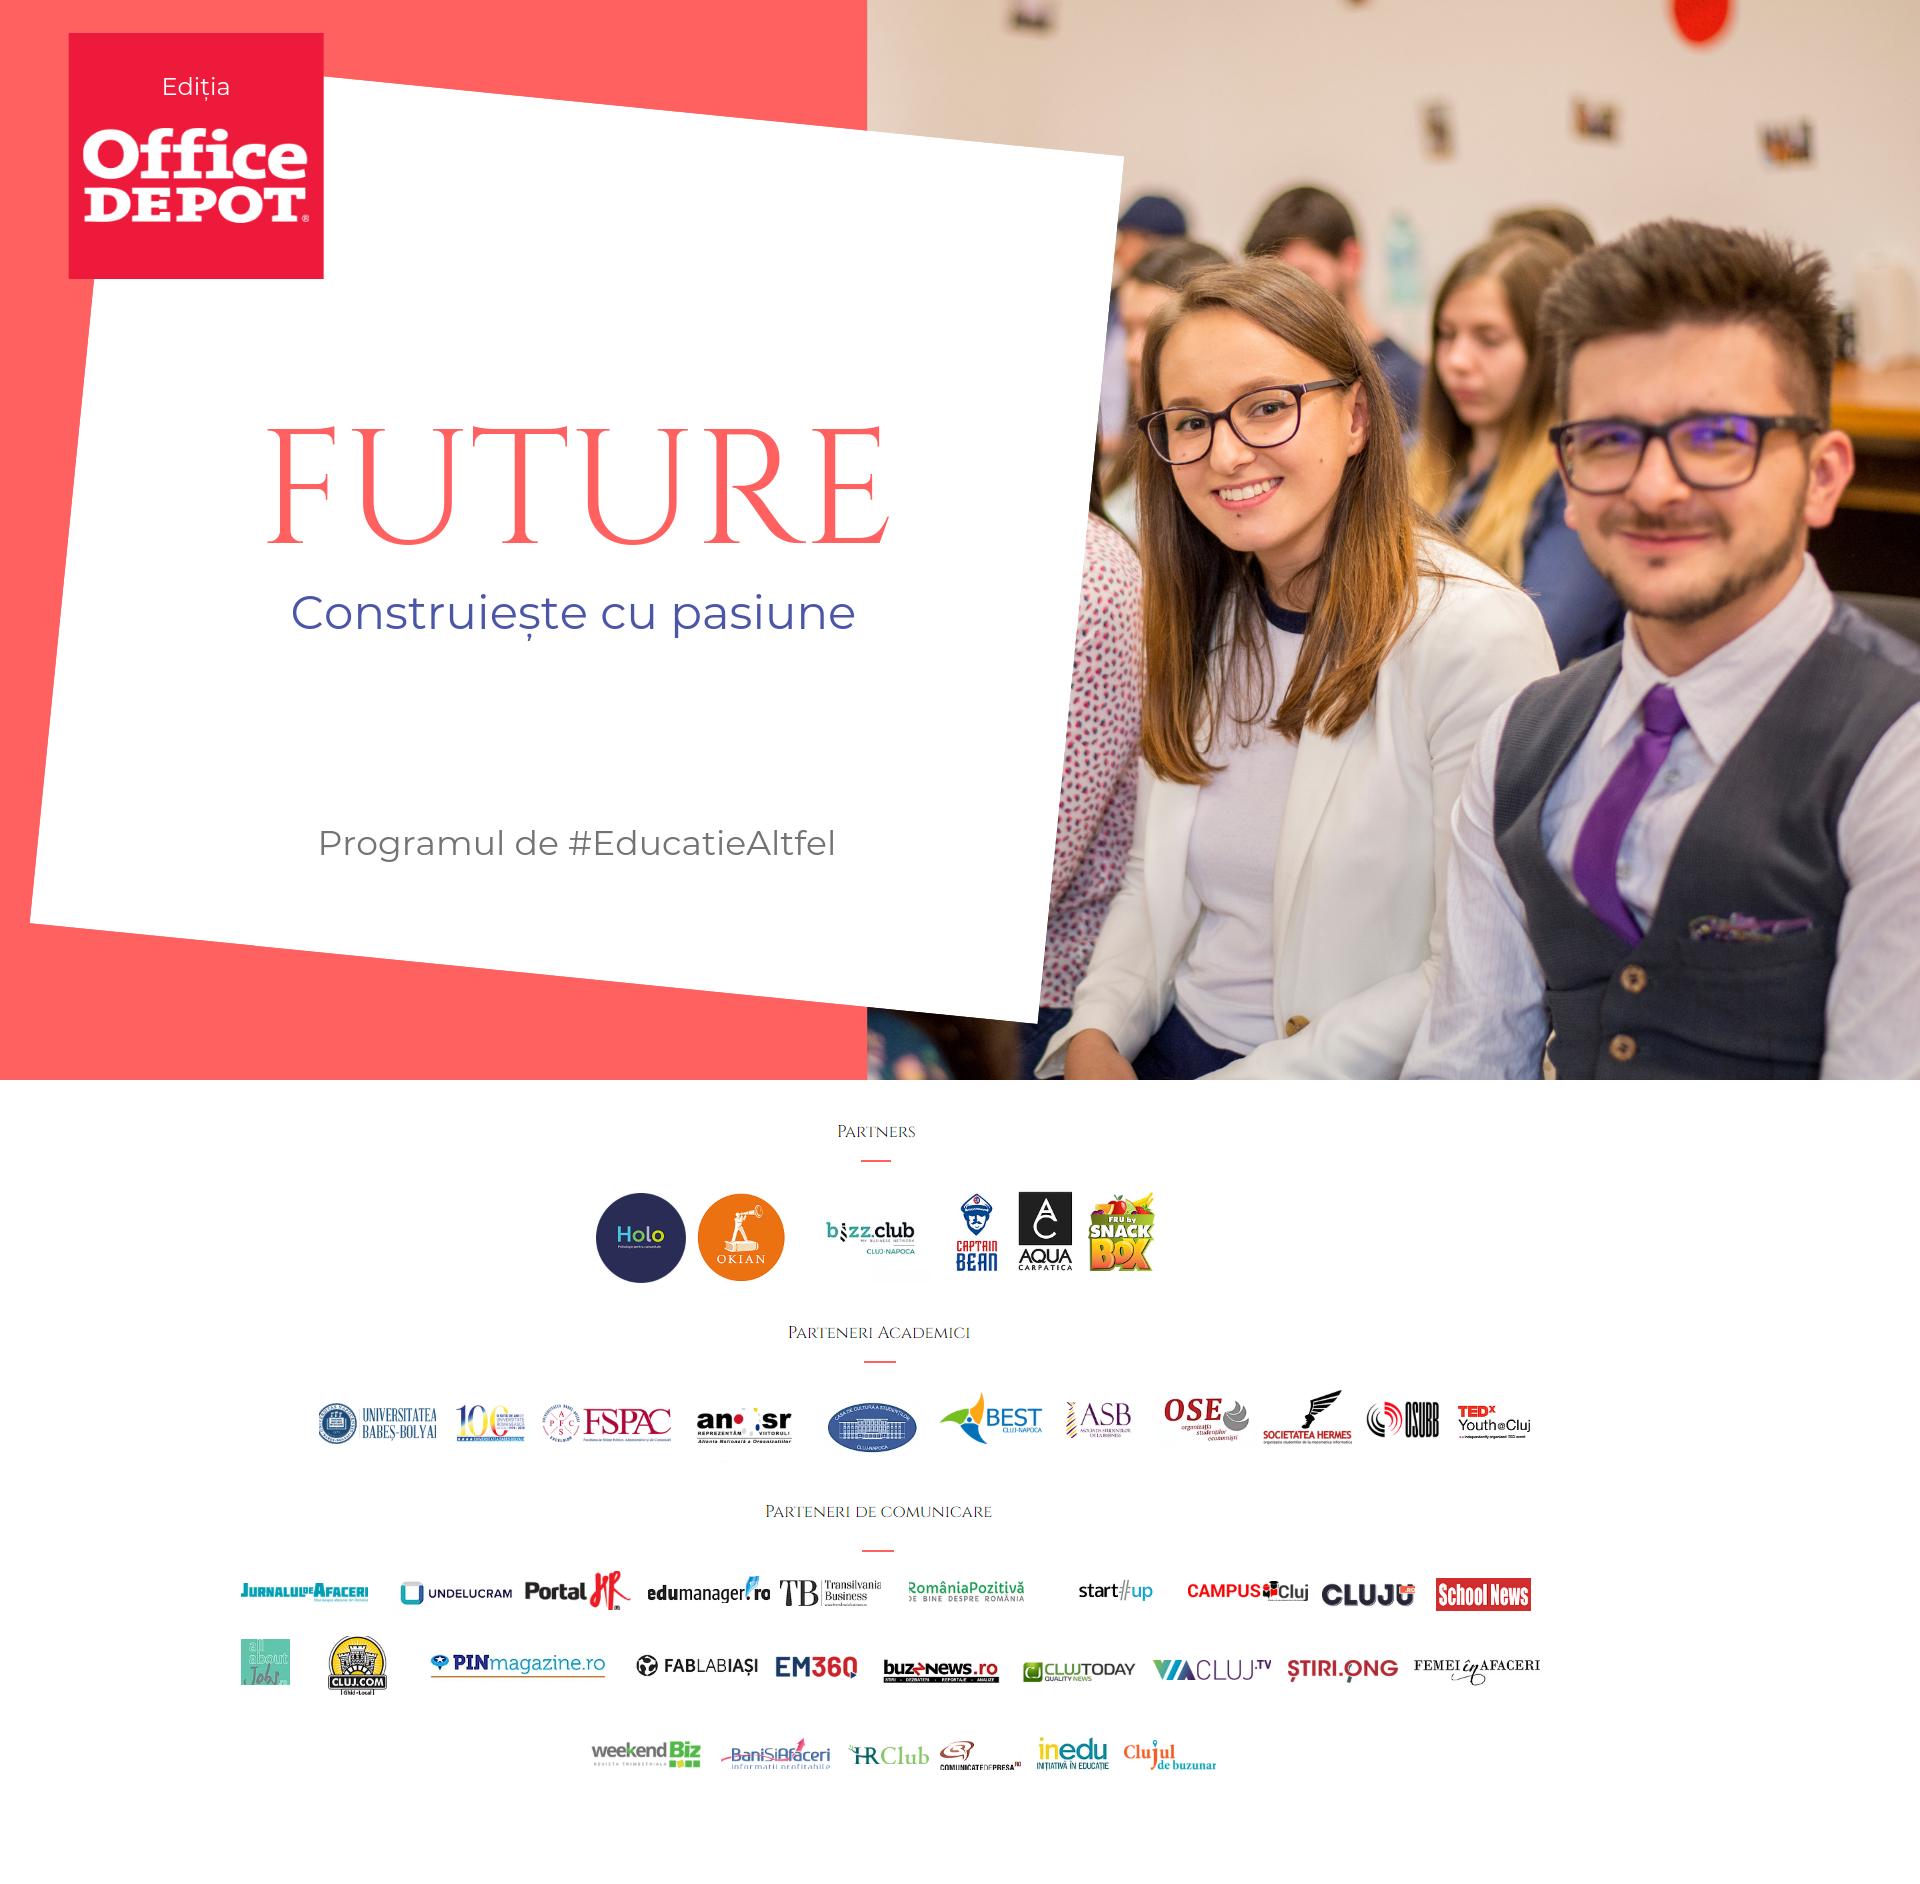 FUTURE - programul inovator prin care atragi noi angajați și te implici în #EducatieAltfel